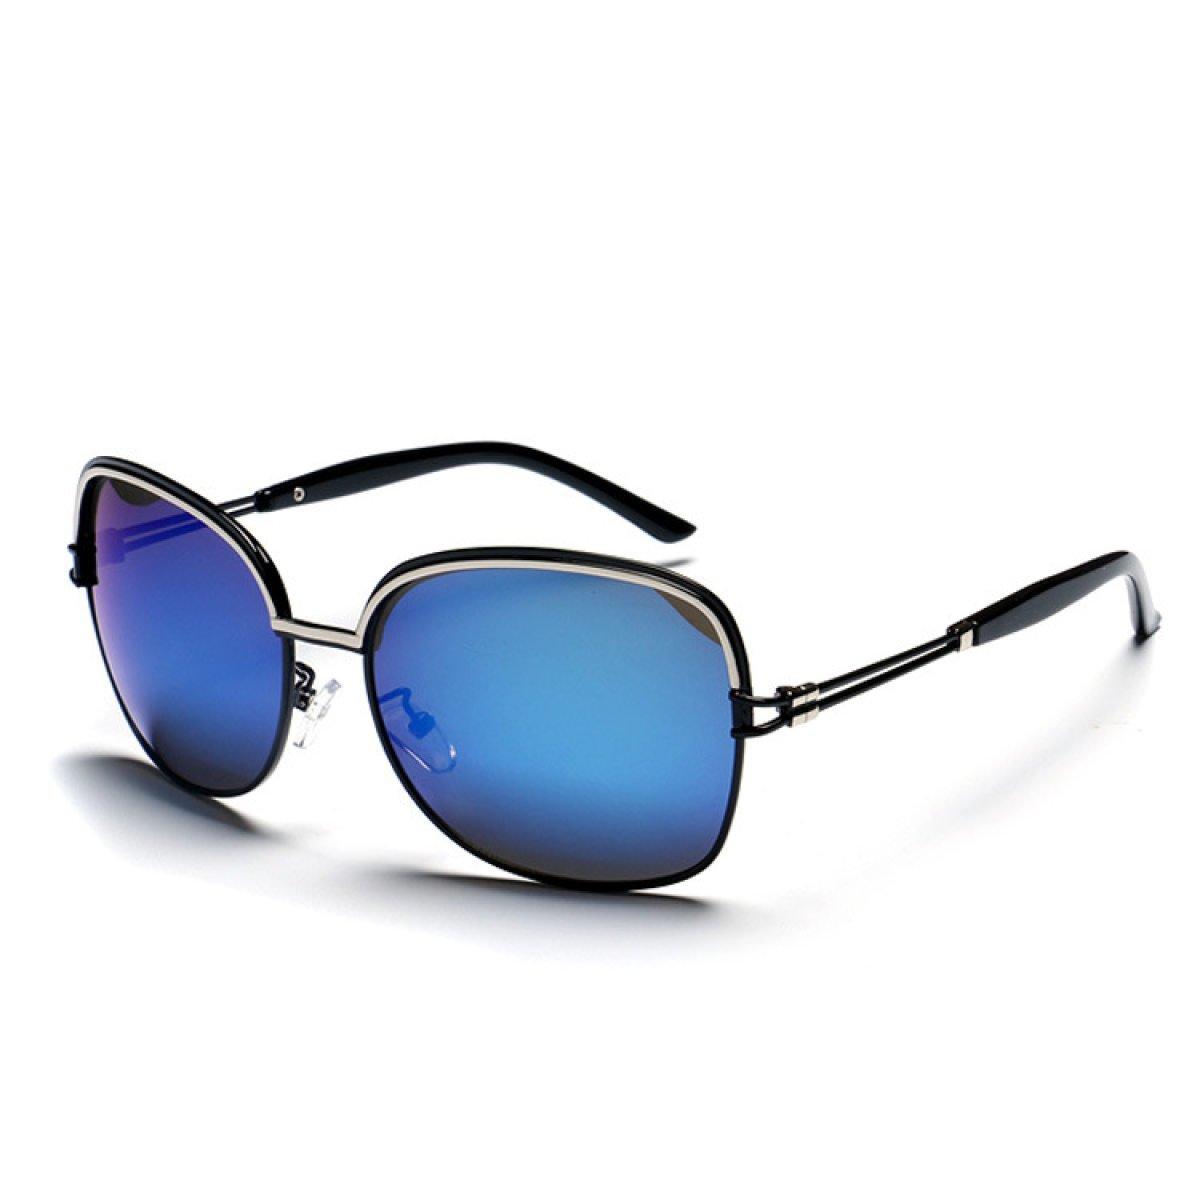 WKAIJC Buntes UV Retro Mode Persönlichkeit Bequem Kreativ Farbfilm Sonnenbrillen,A